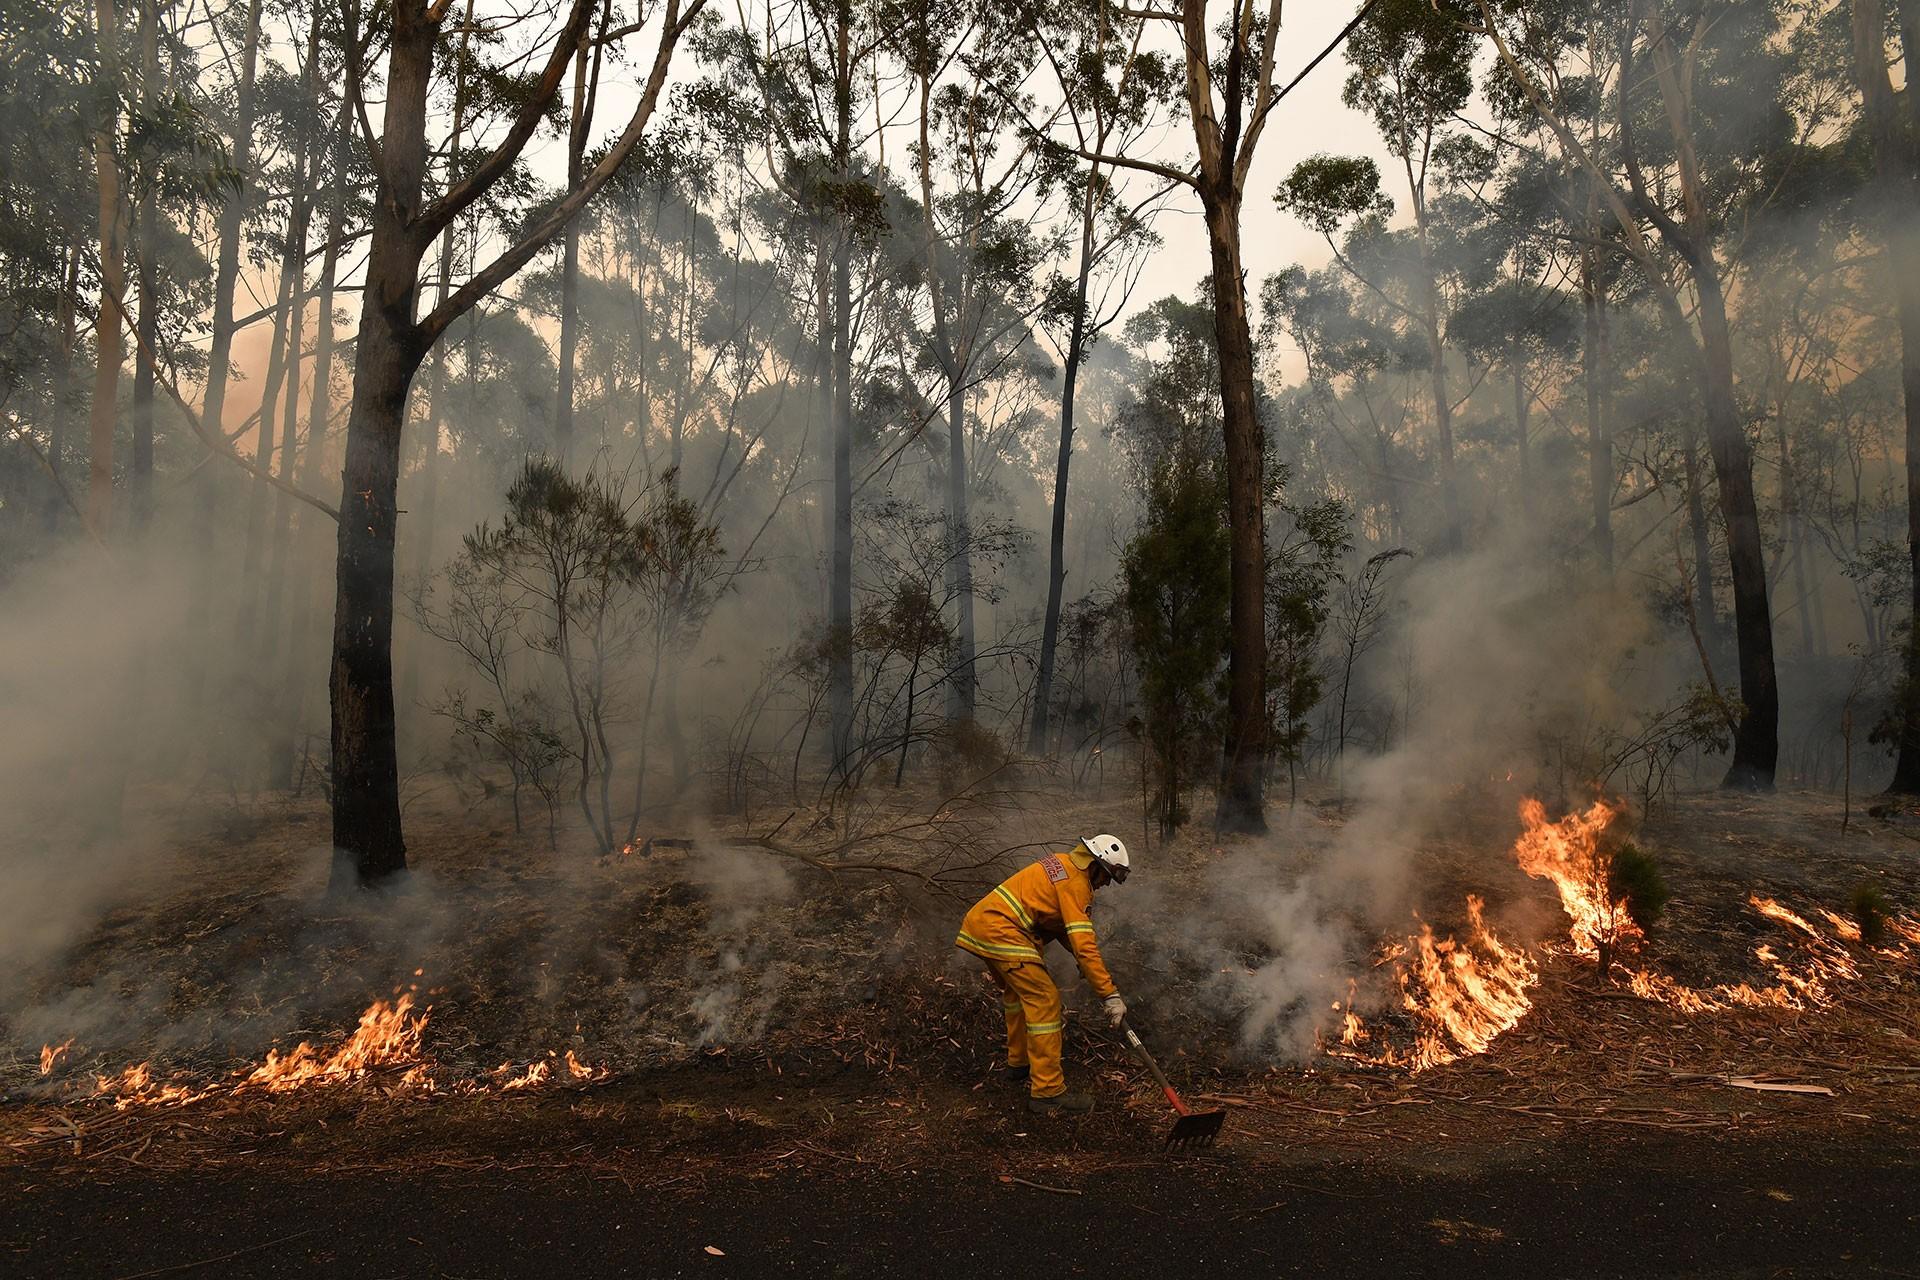 Avustralya'da yanan ormanlık alana müdahale edilirken